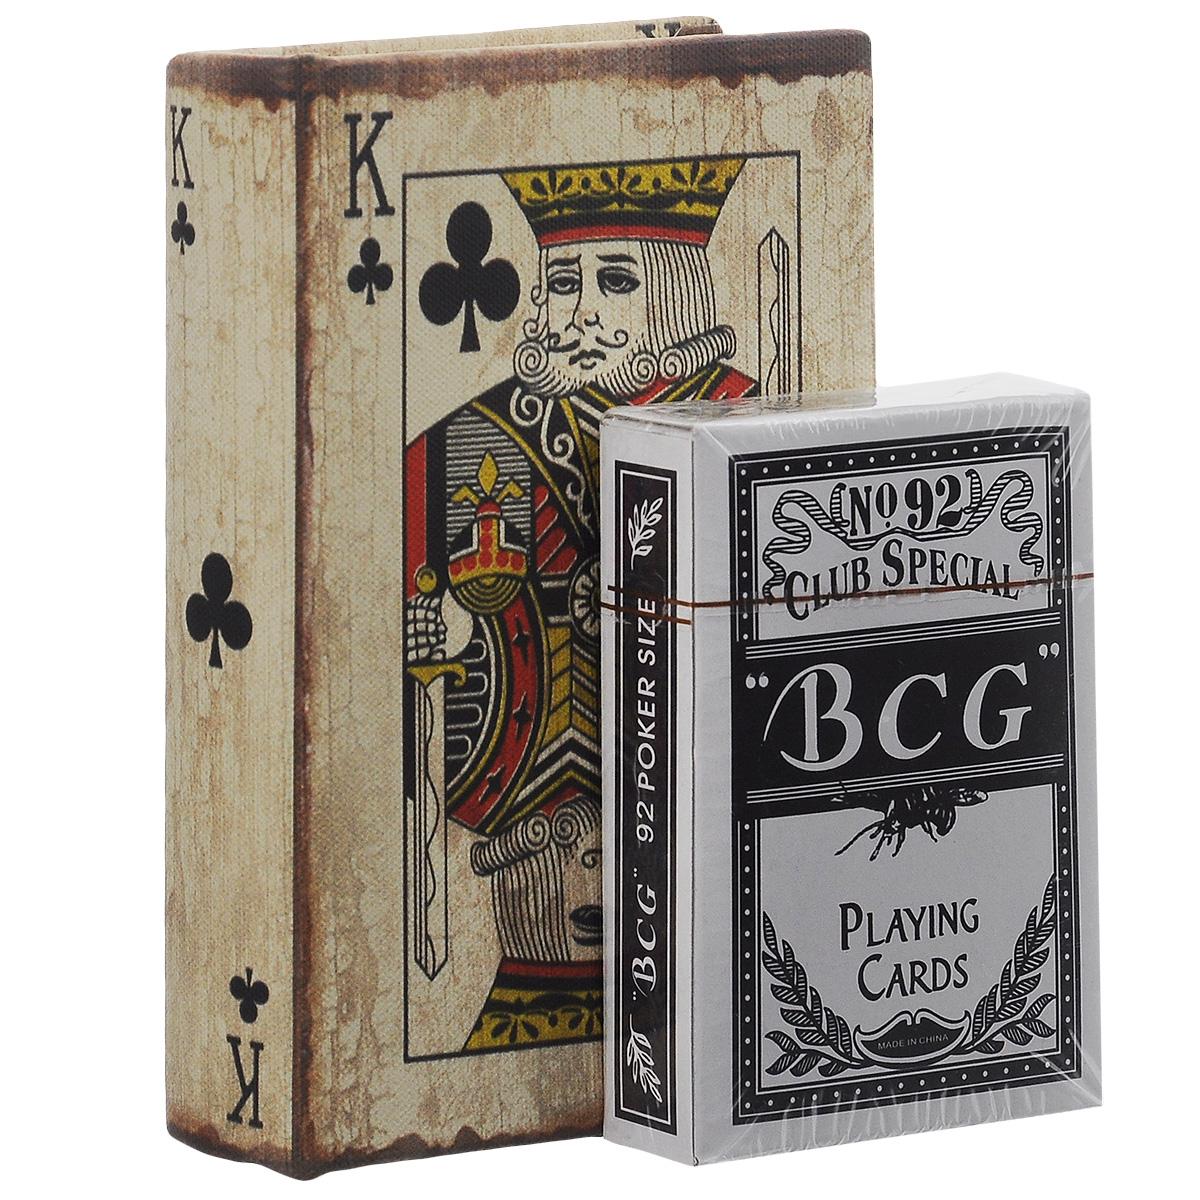 Набор игральных карт Феникс-презент Король треф, в коробке, 54 листа36313Набор Феникс-презент Король треф состоит из одной колоды игральных карт с клетчатыми рубашками. Карты выполнены из картона с пластиковым покрытием. Изделие хранится в стильной коробке с изображением короля треф. Игральные карты помогут разнообразить ваш досуг. Размер коробки: 13,5 см х 9,5 см х 2,8 см. Размер карты: 9 см х 6,3 см.